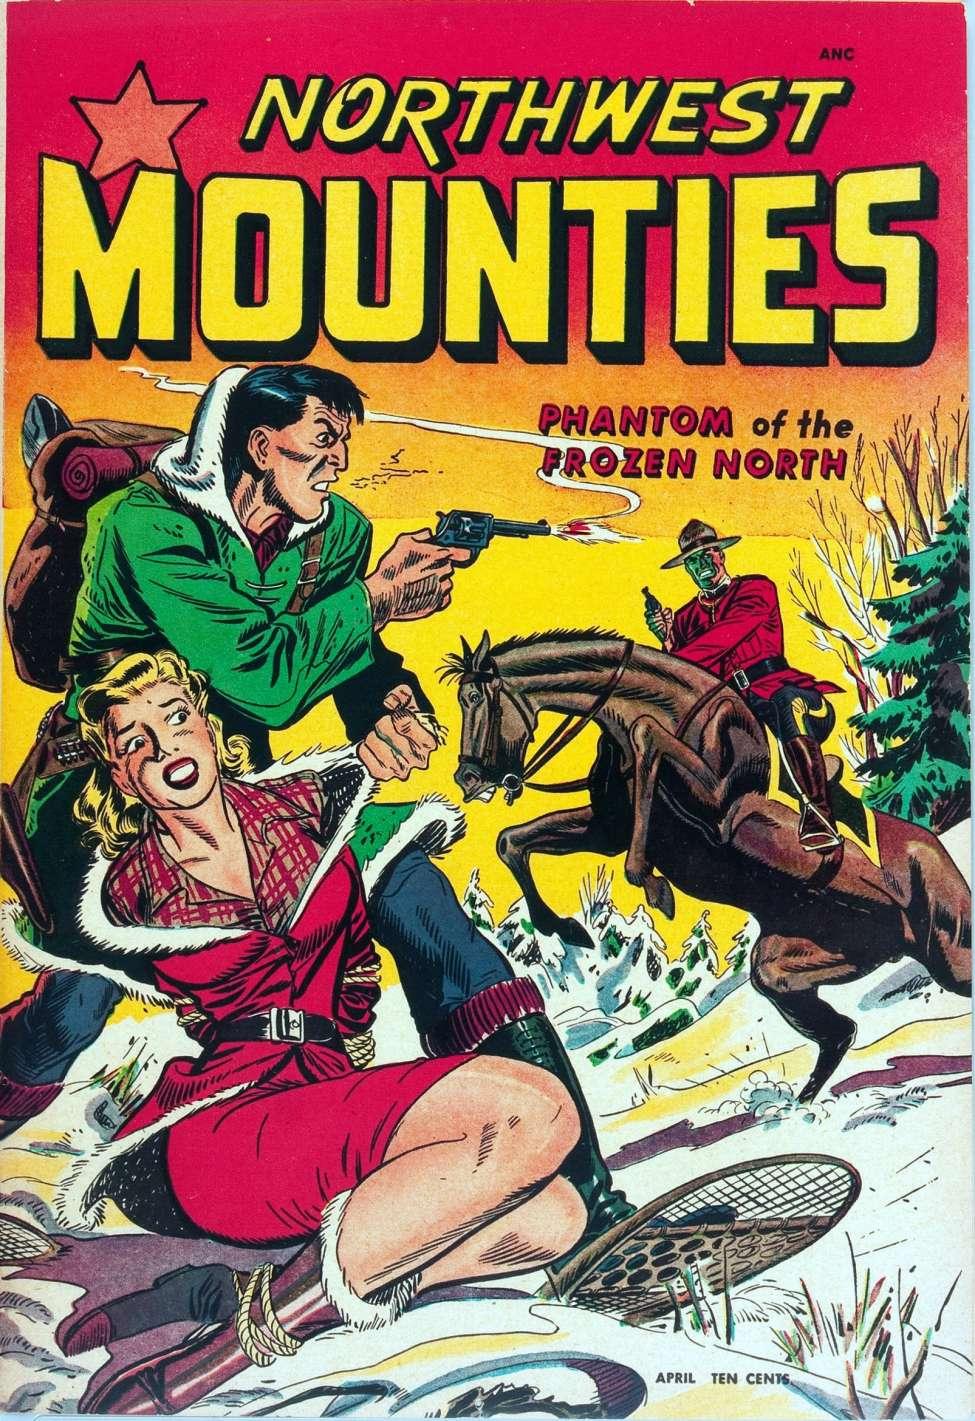 Northwest Mounties #3, St. John